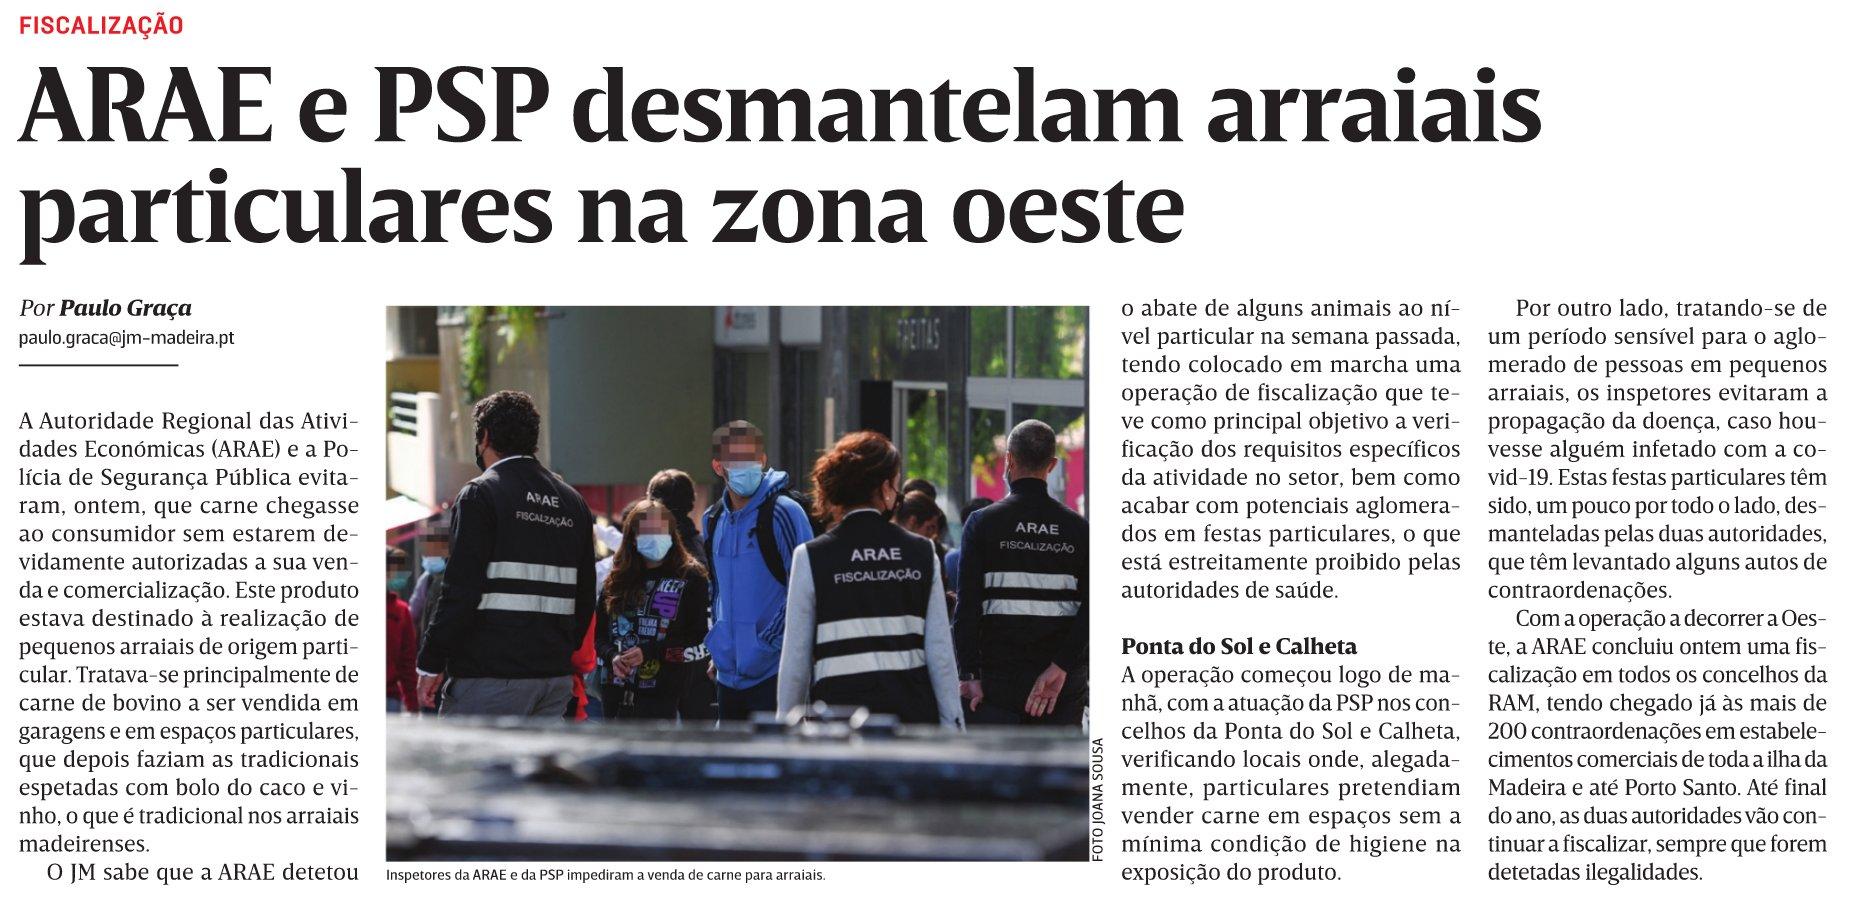 in JM-Madeira, edição de 19/12/2020